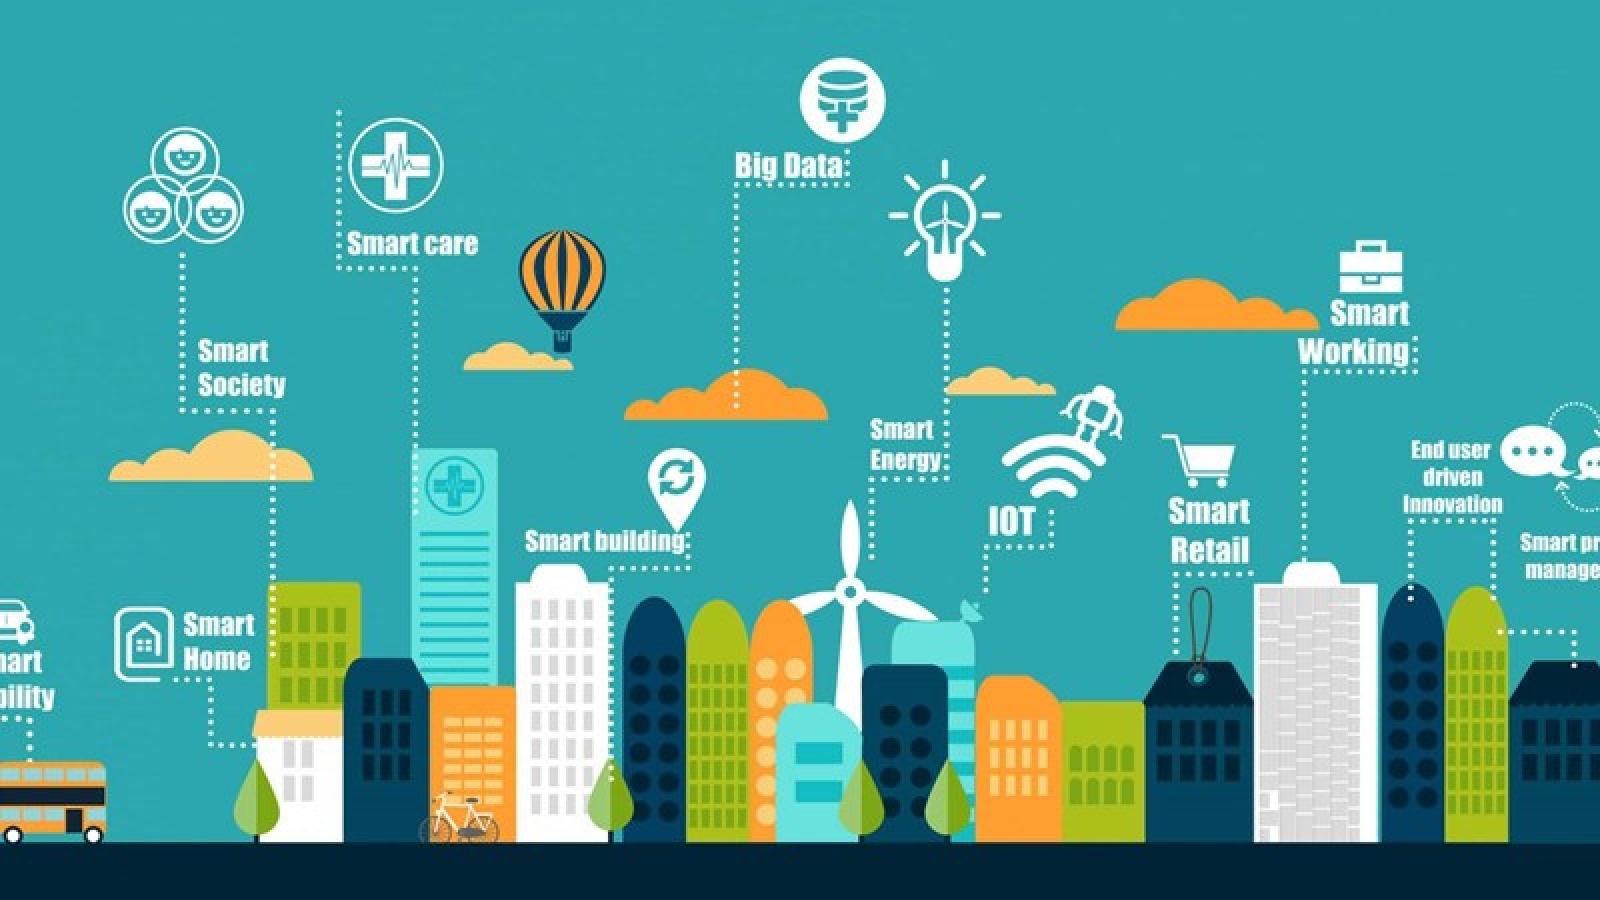 Tăng cường phát triển kỹ năng phục vụ chuyển đổi sang Cách mạng công nghiệp 4.0